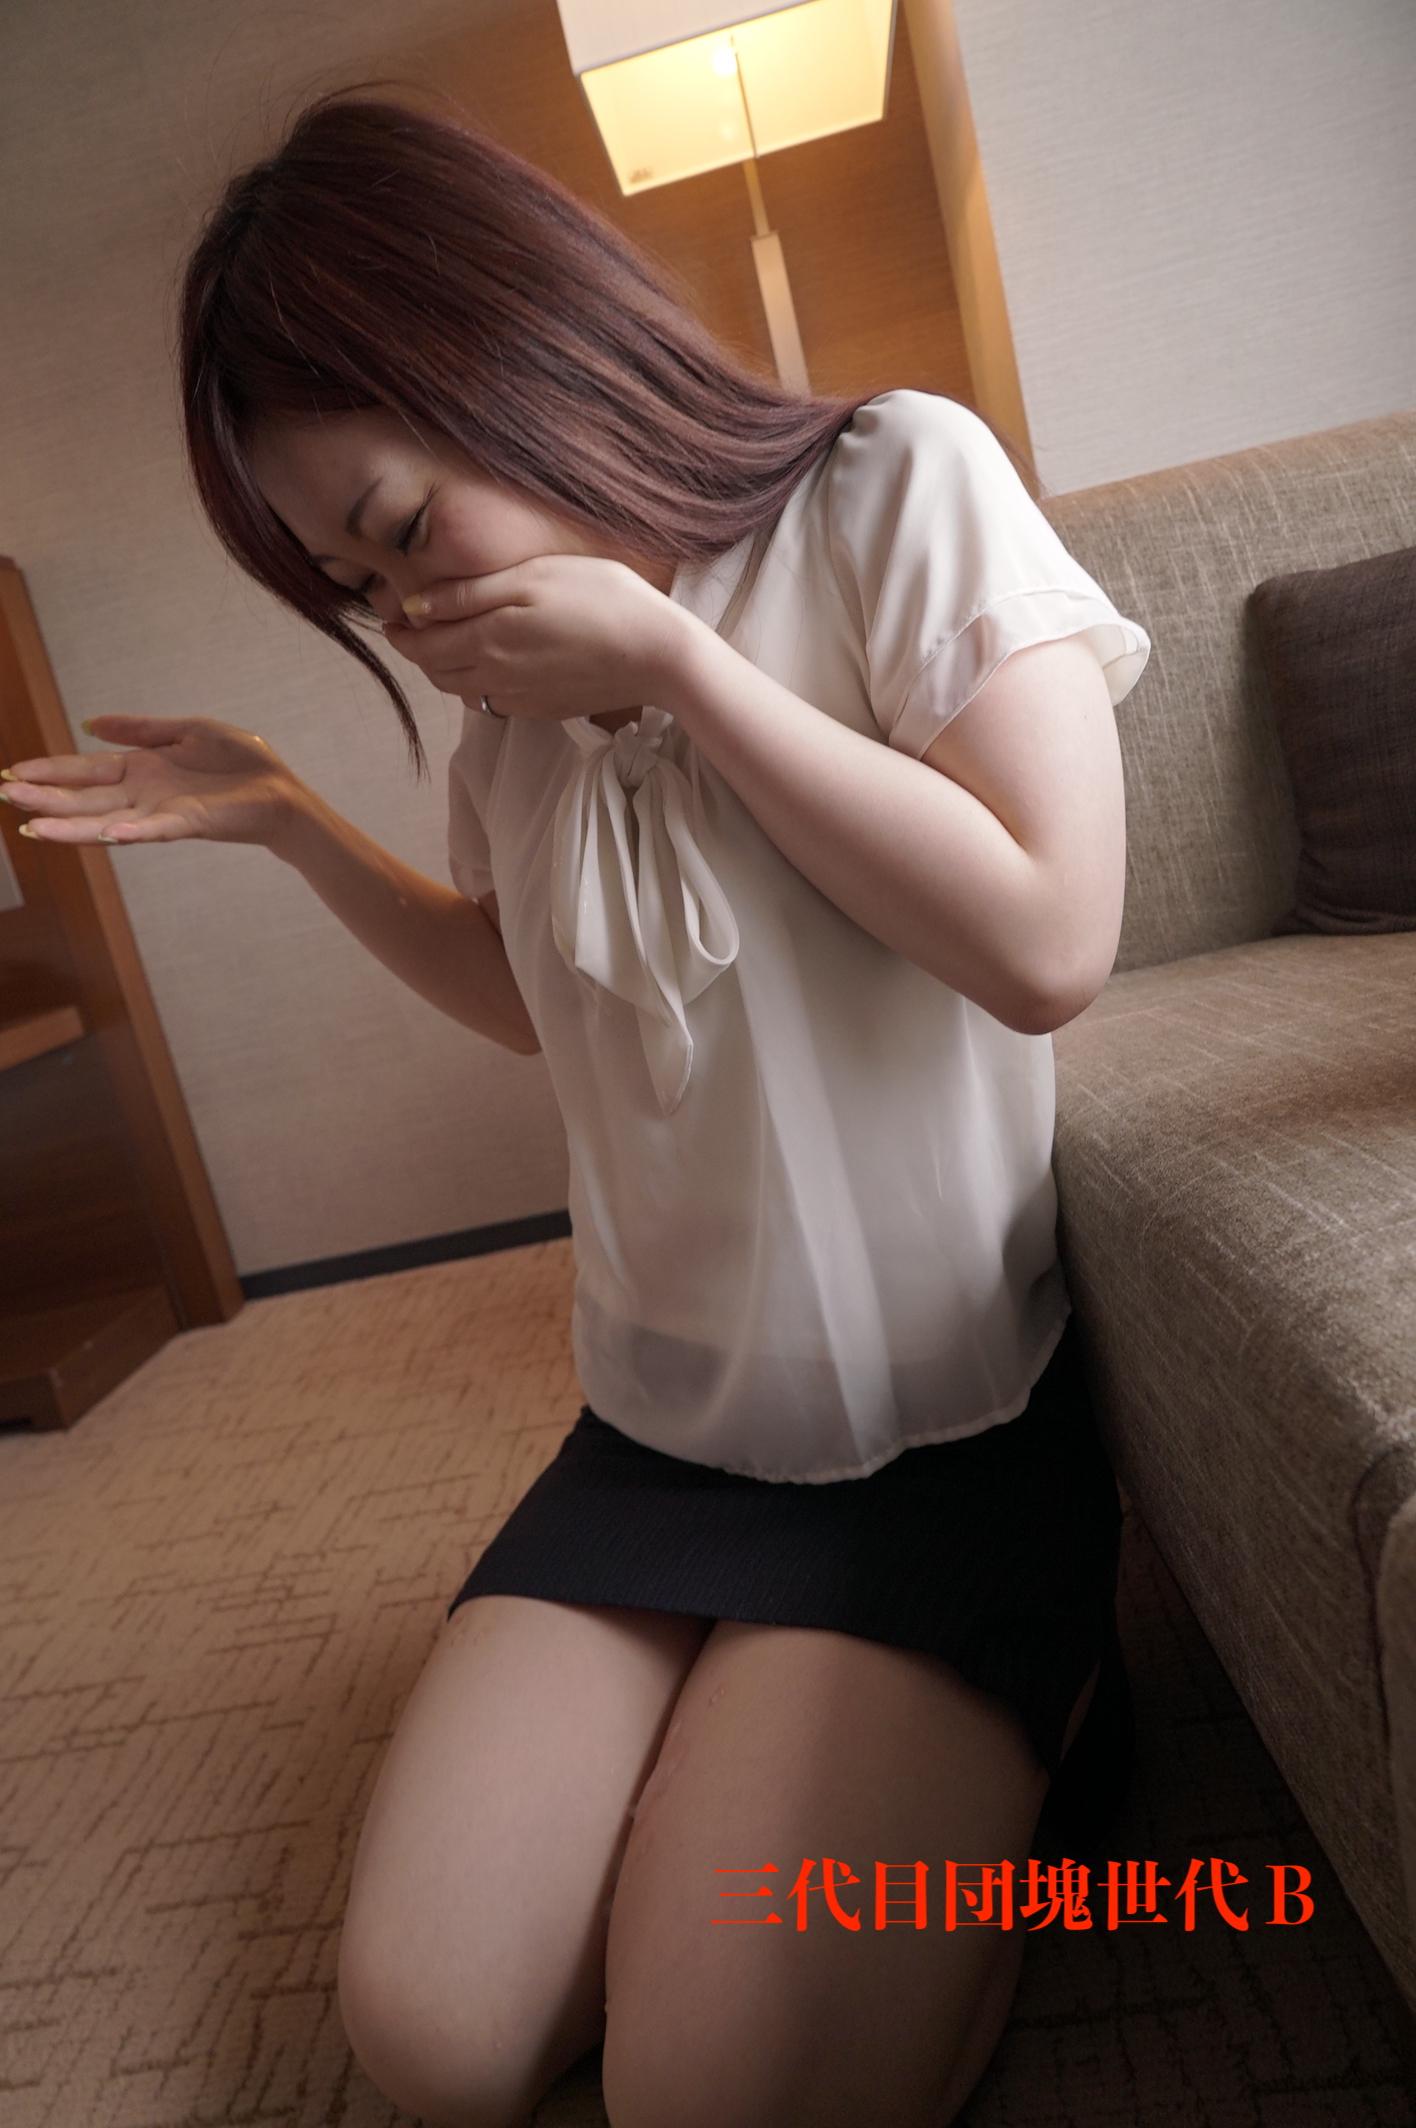 FC2 PPV 1205878 【無】巨乳な人妻が旦那とのセックスレスを理由に撮影志願!! 好評につき2作品目配信開始